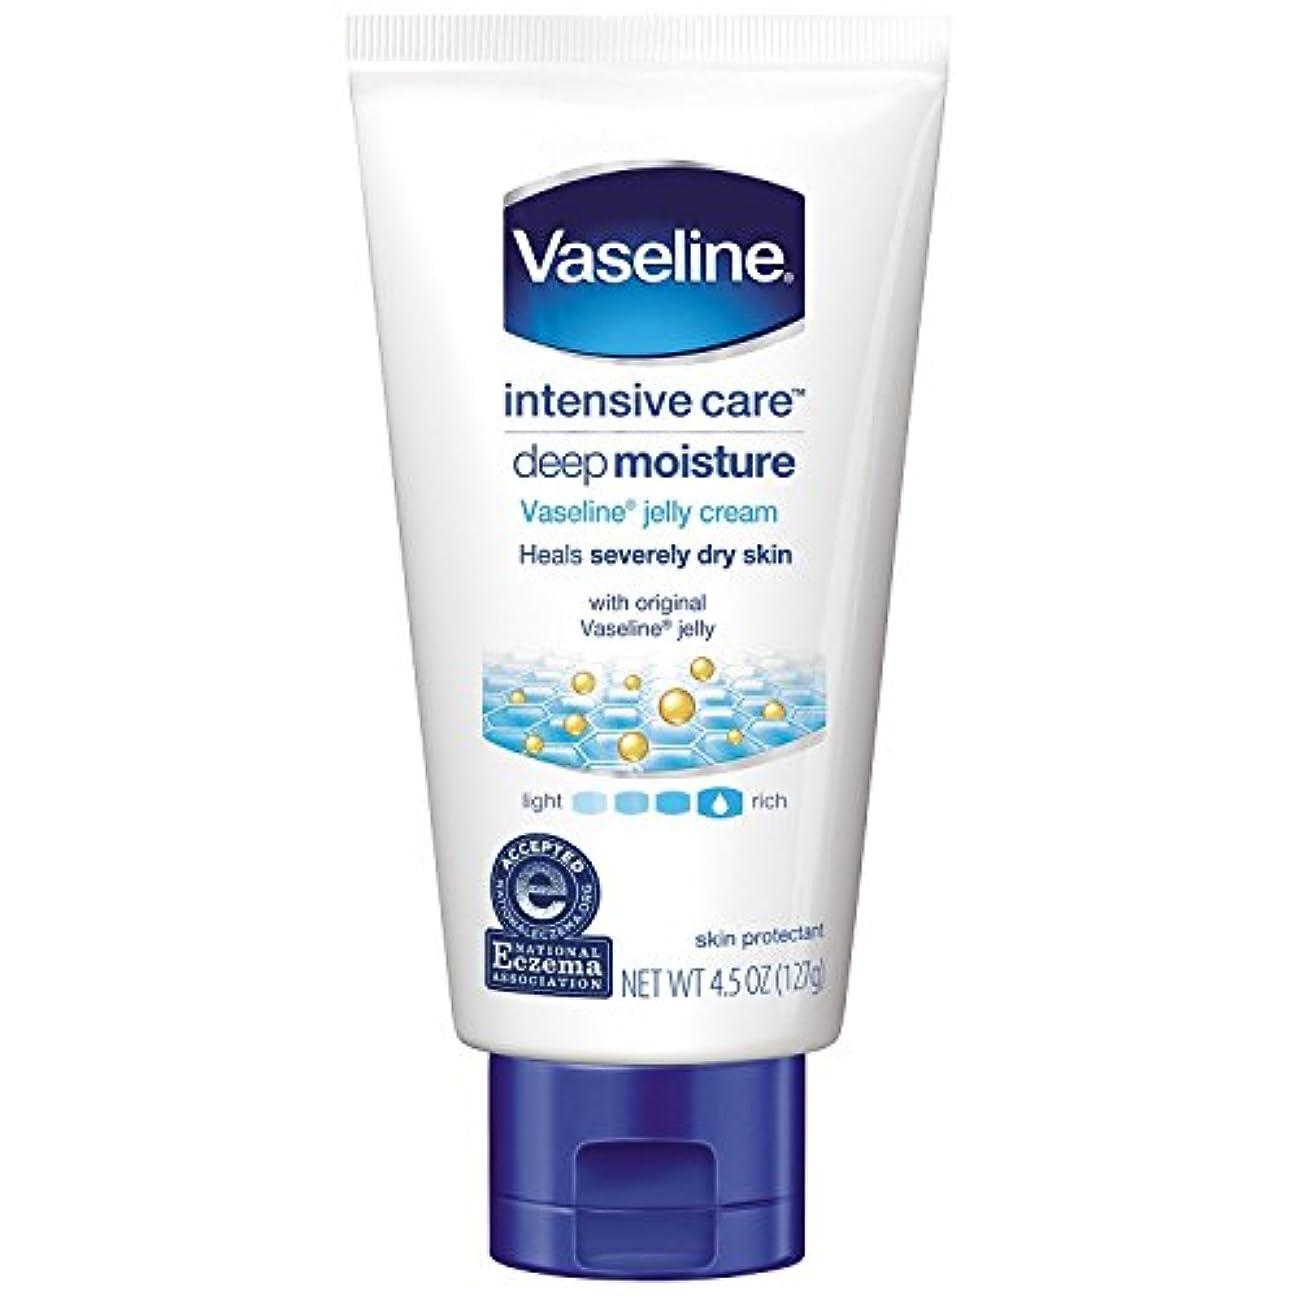 持っている欠員クルーVaseline intensive care deep moisture jelly cream 4.5oz(127g) ヴァセリン インテンシブケア ディープ モイスチュア ジェリークリーム